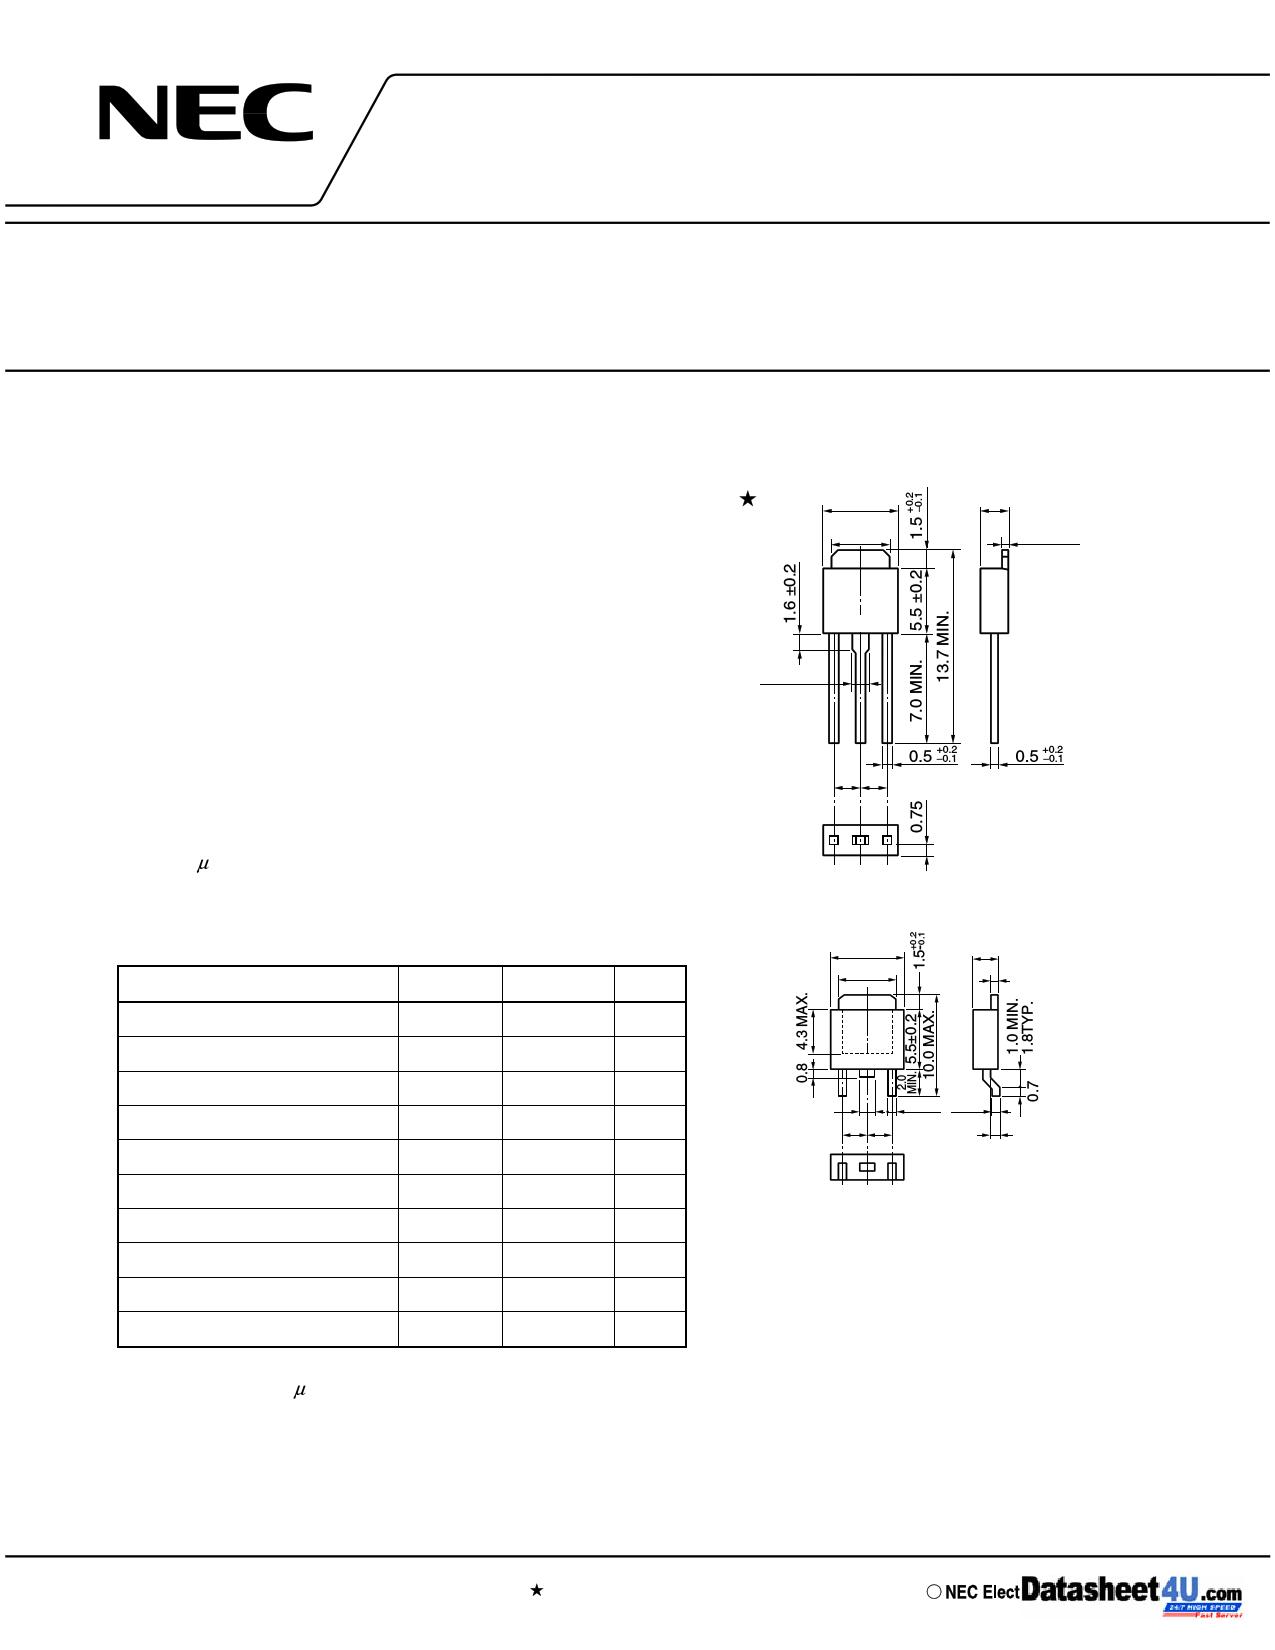 2SA1648-Z 데이터시트 및 2SA1648-Z PDF